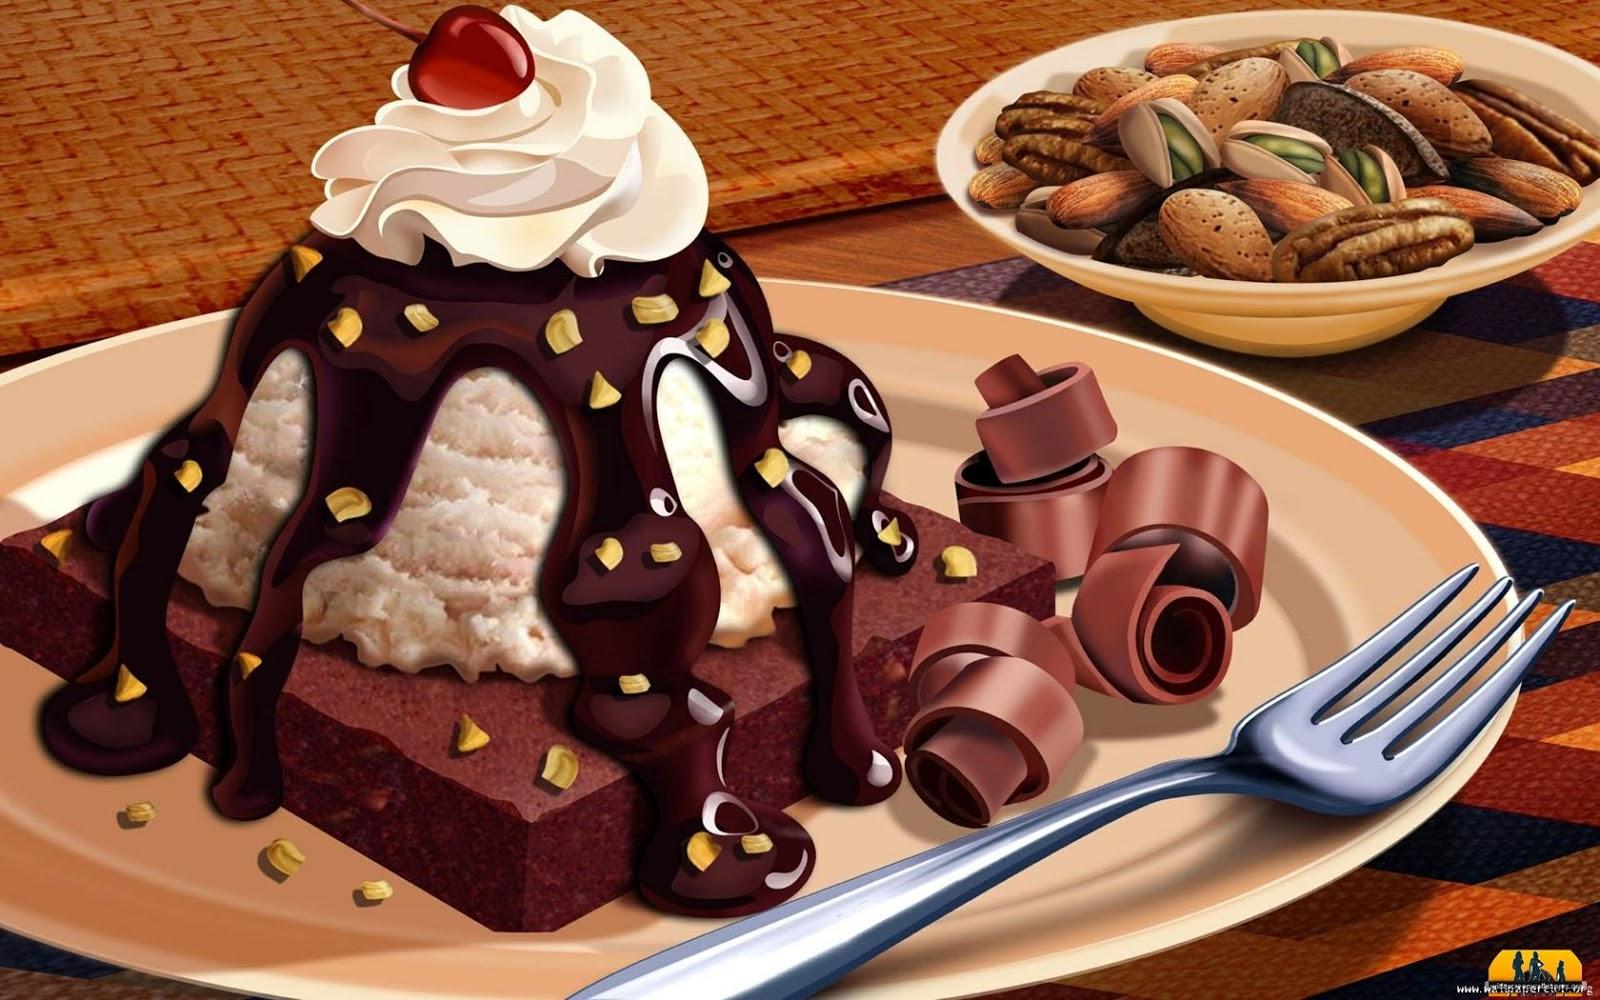 Cake Wallpapers Desktop Wallpapers 1600x1000